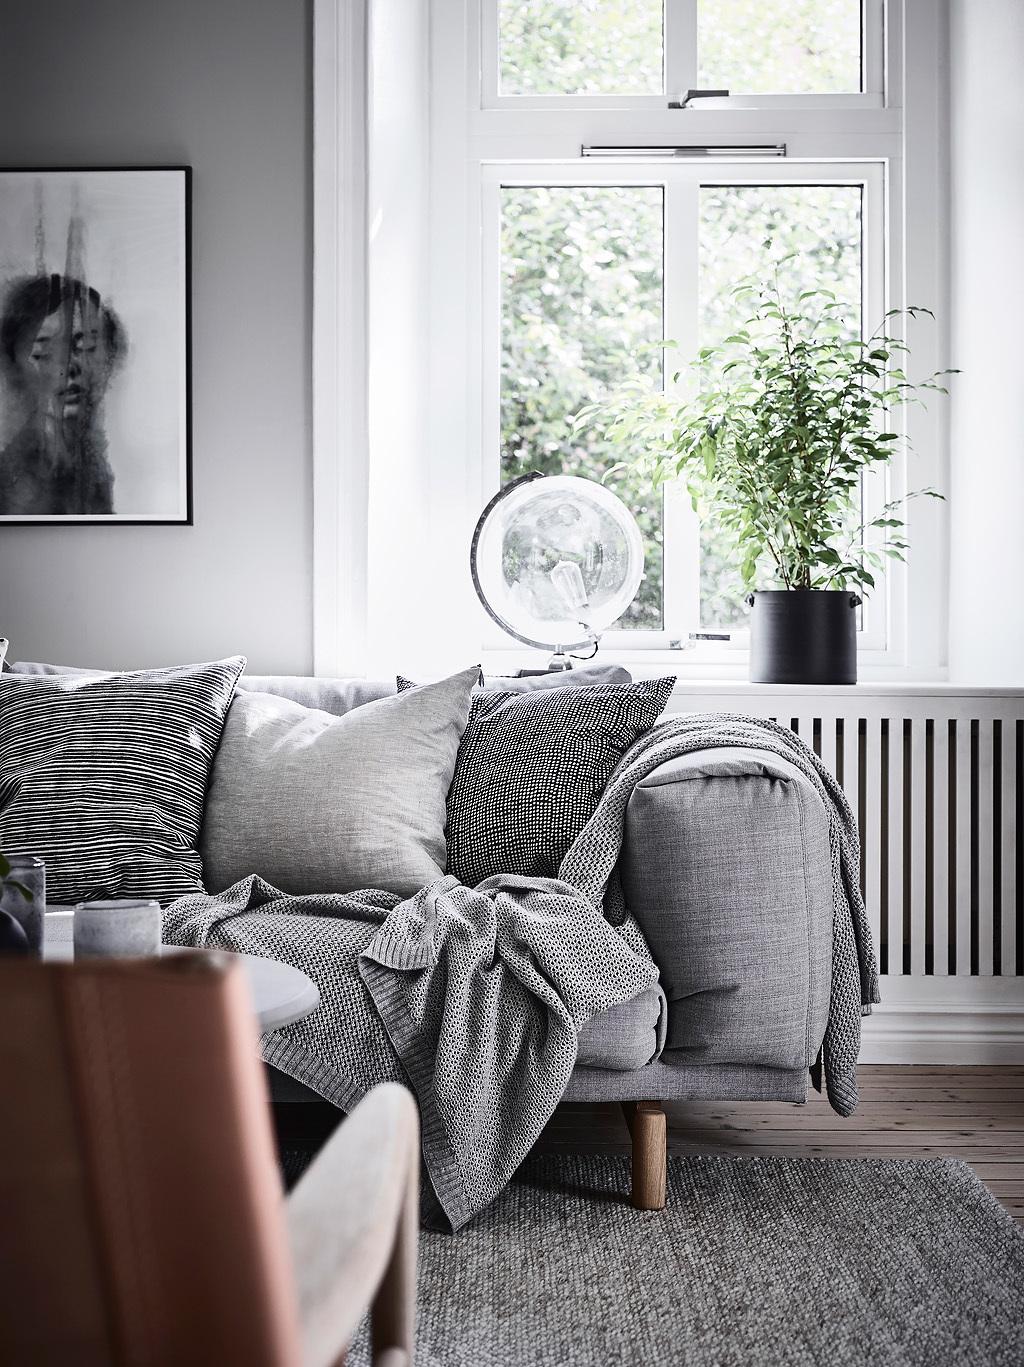 диван окно подоконник цветок эсмеситель радиатора отопления